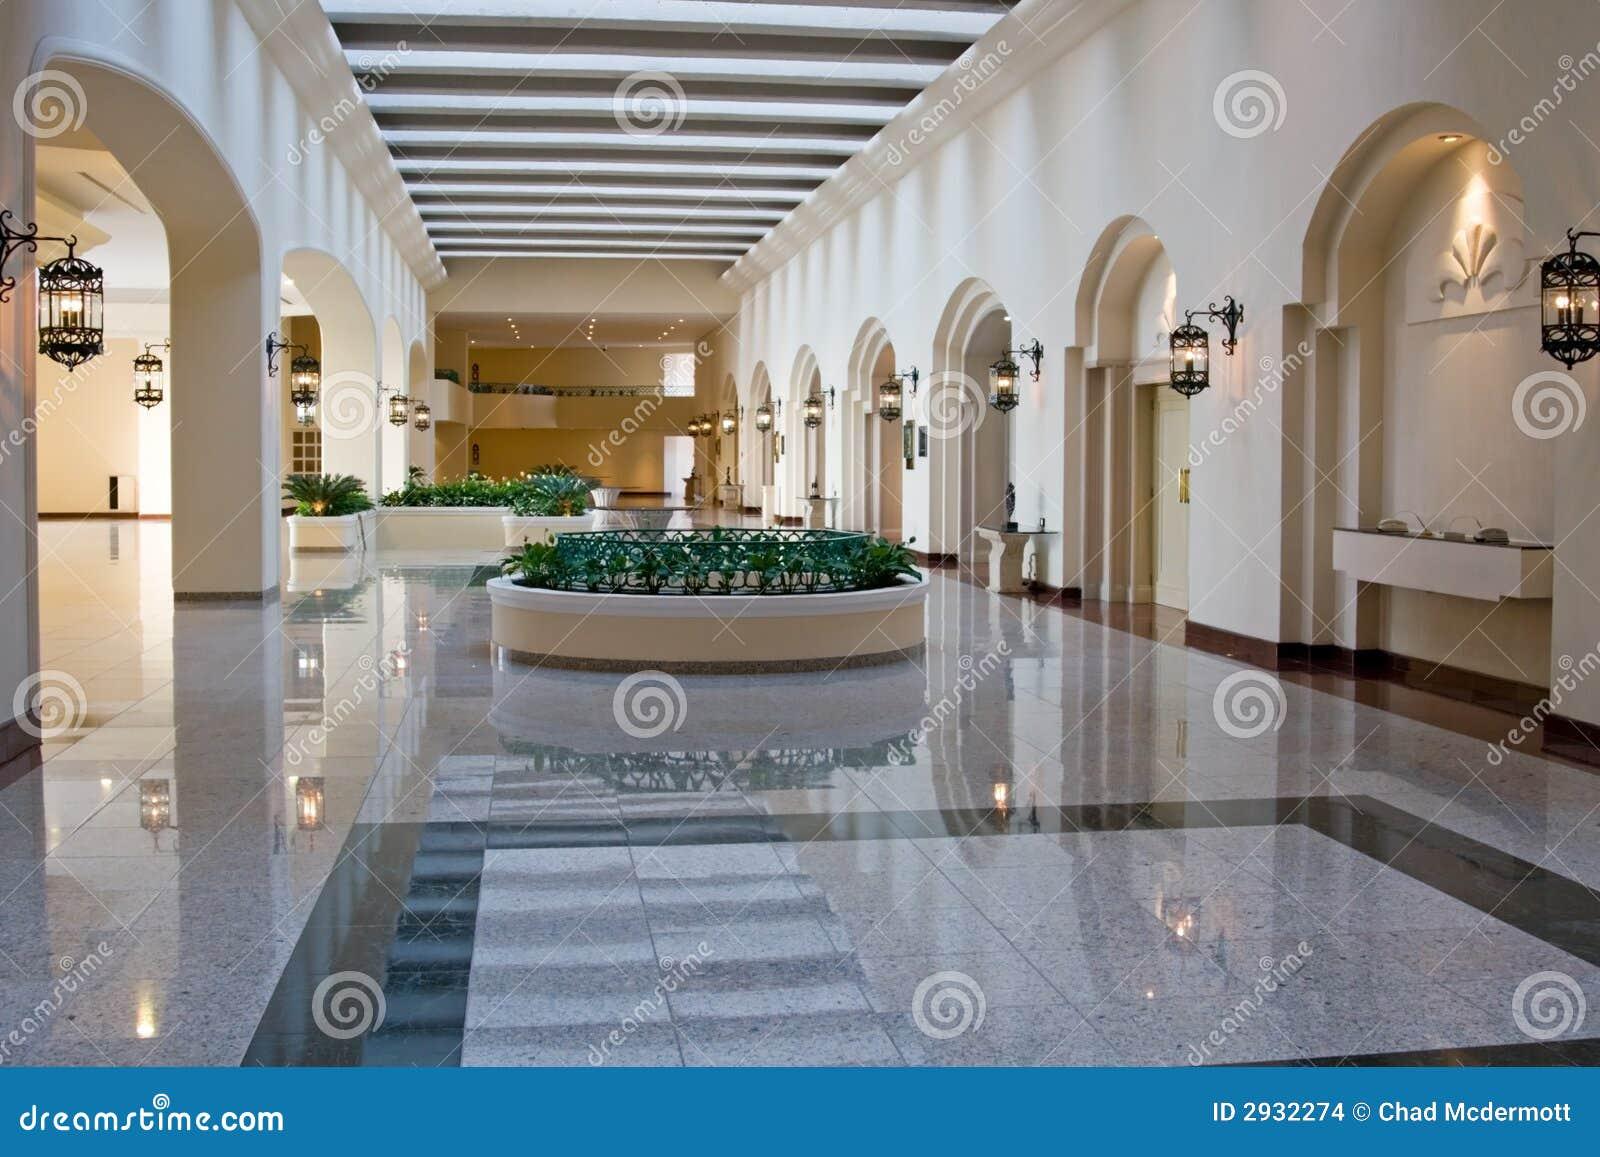 Salas de conferencias del hotel de lujo imagenes de for Imagenes de hoteles de lujo